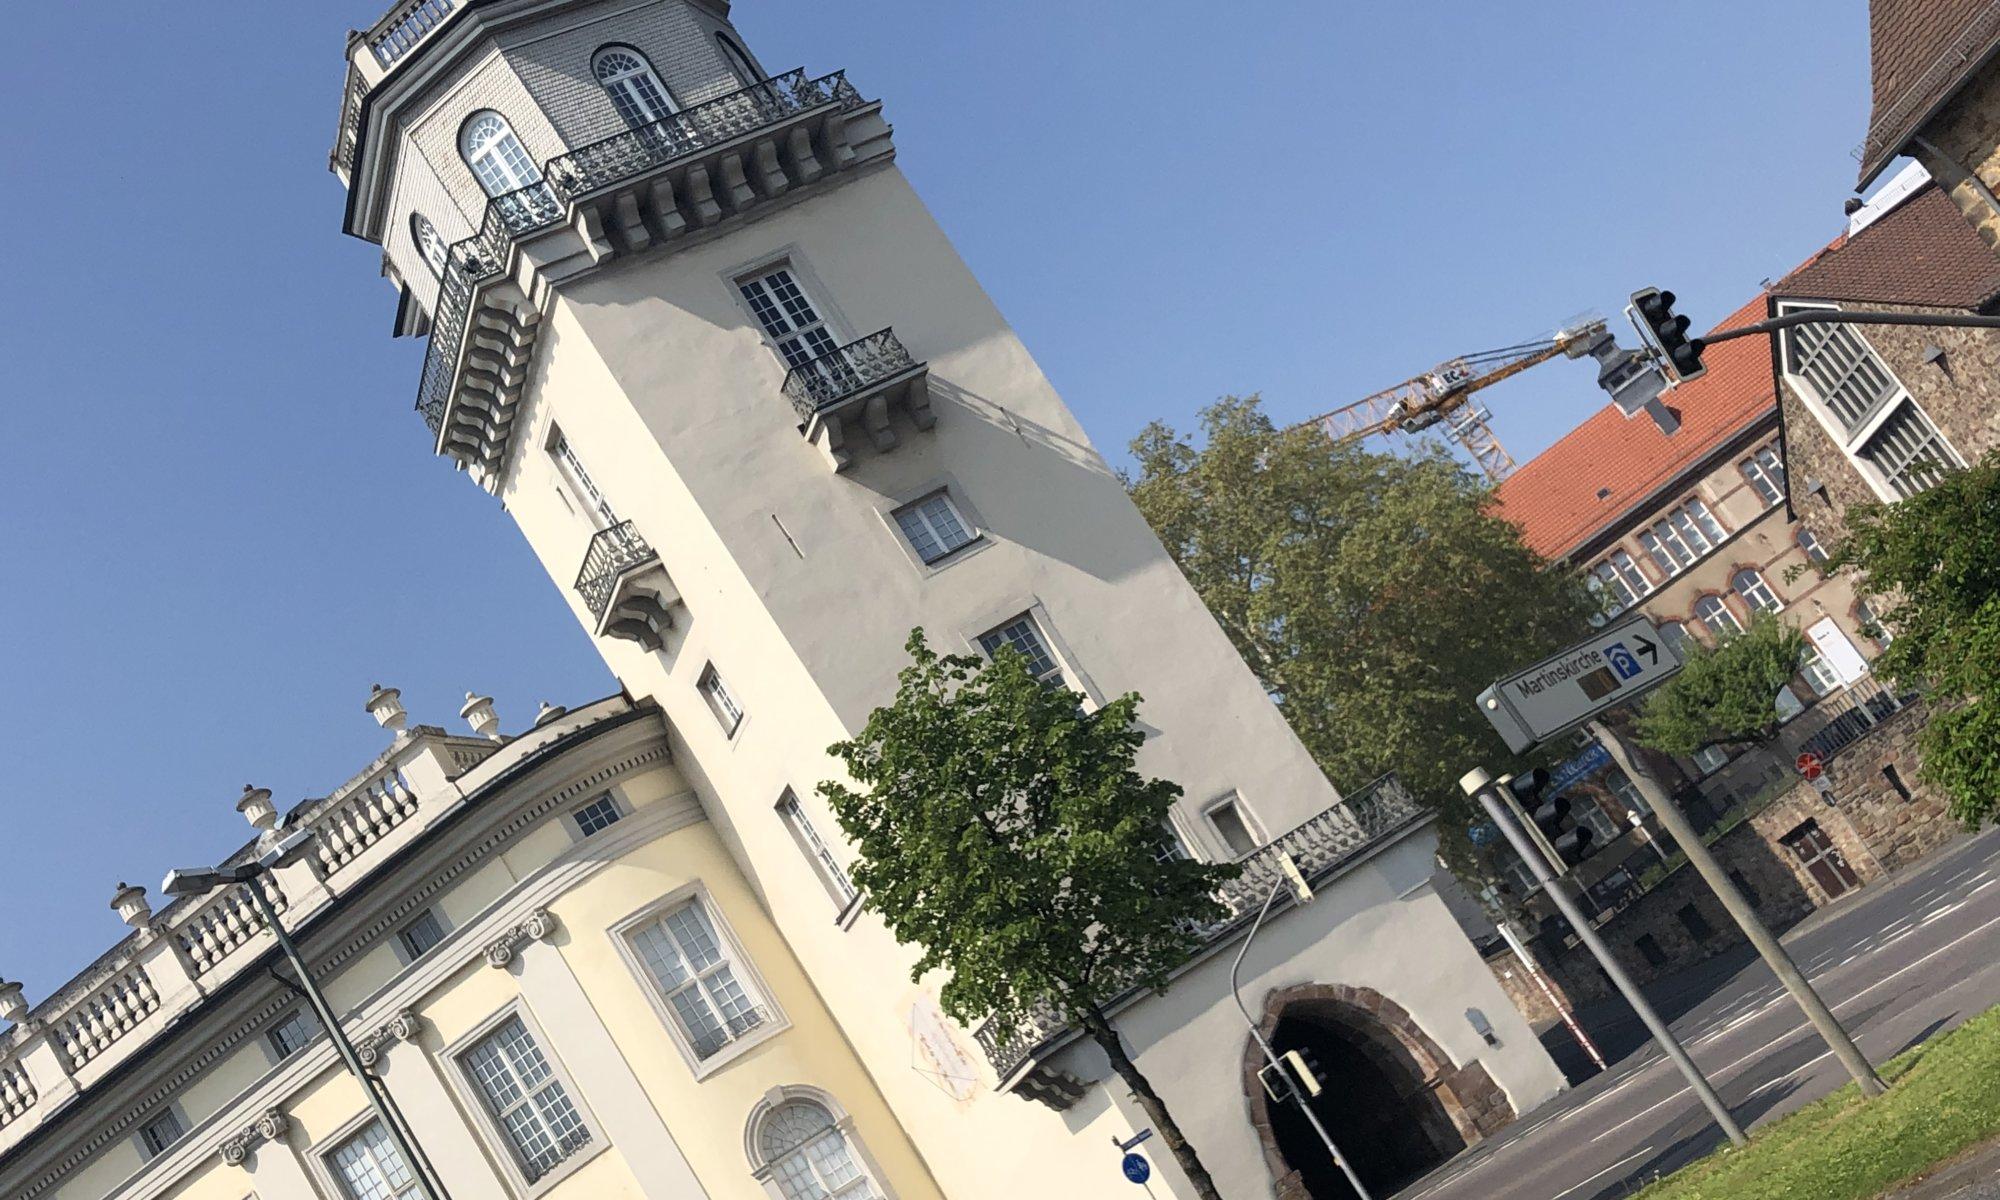 Zwehrenturm, Kassel